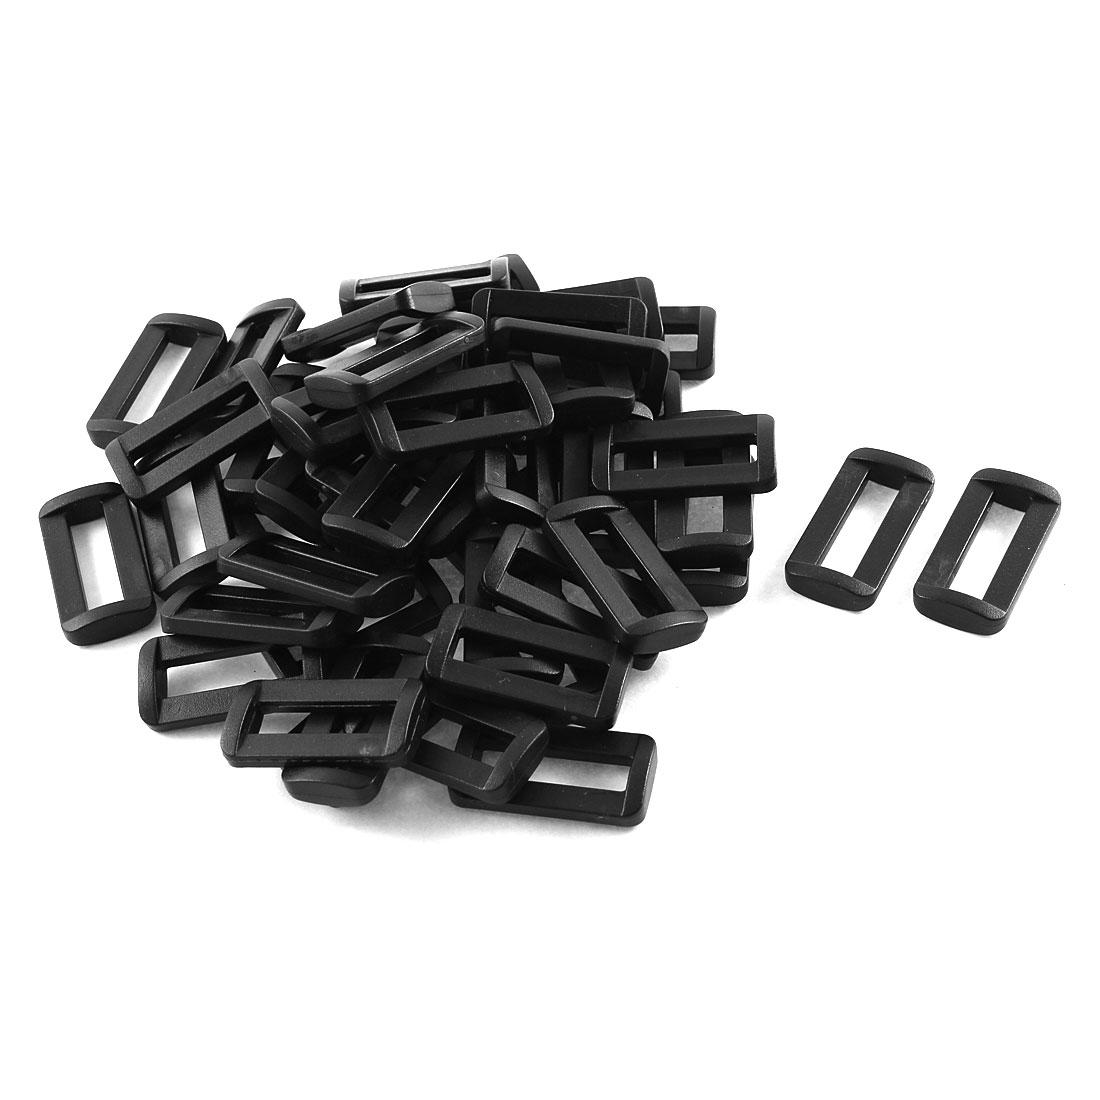 """50pcs Black Plastic Bar Slides Buckles for 1"""" Webbing Strap"""